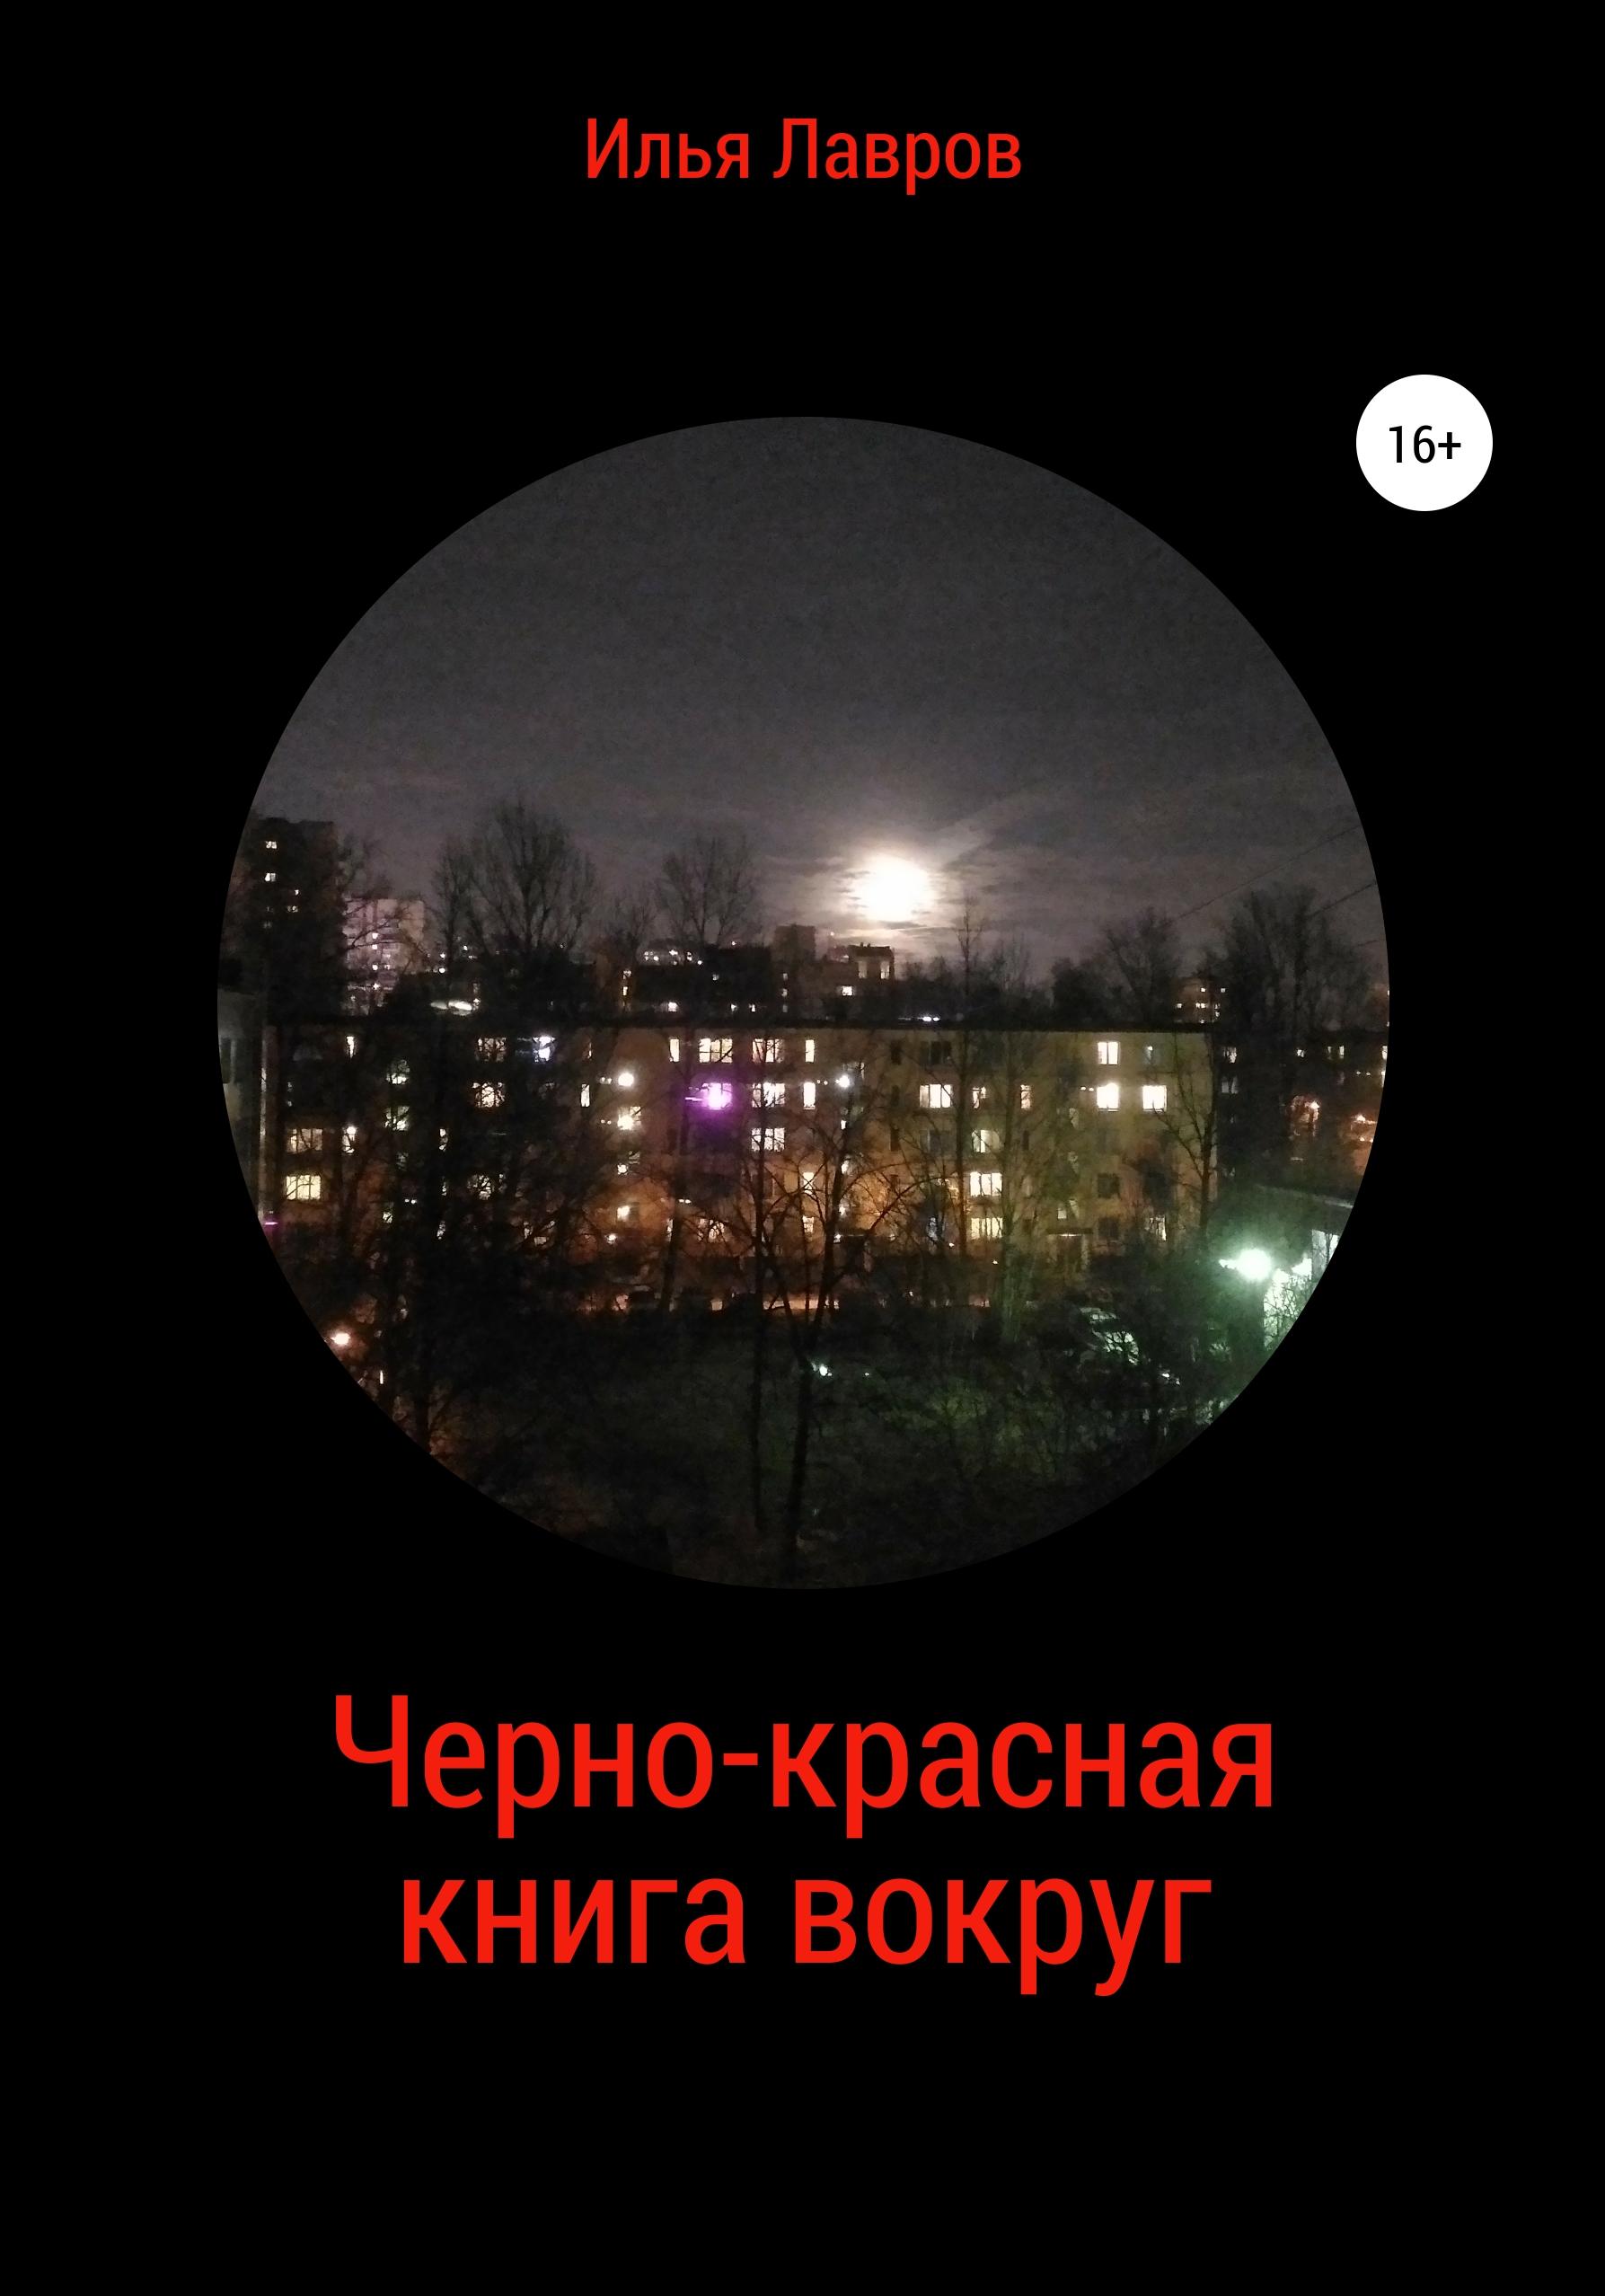 Купить книгу Черно-красная книга вокруг, автора Ильи Лаврова